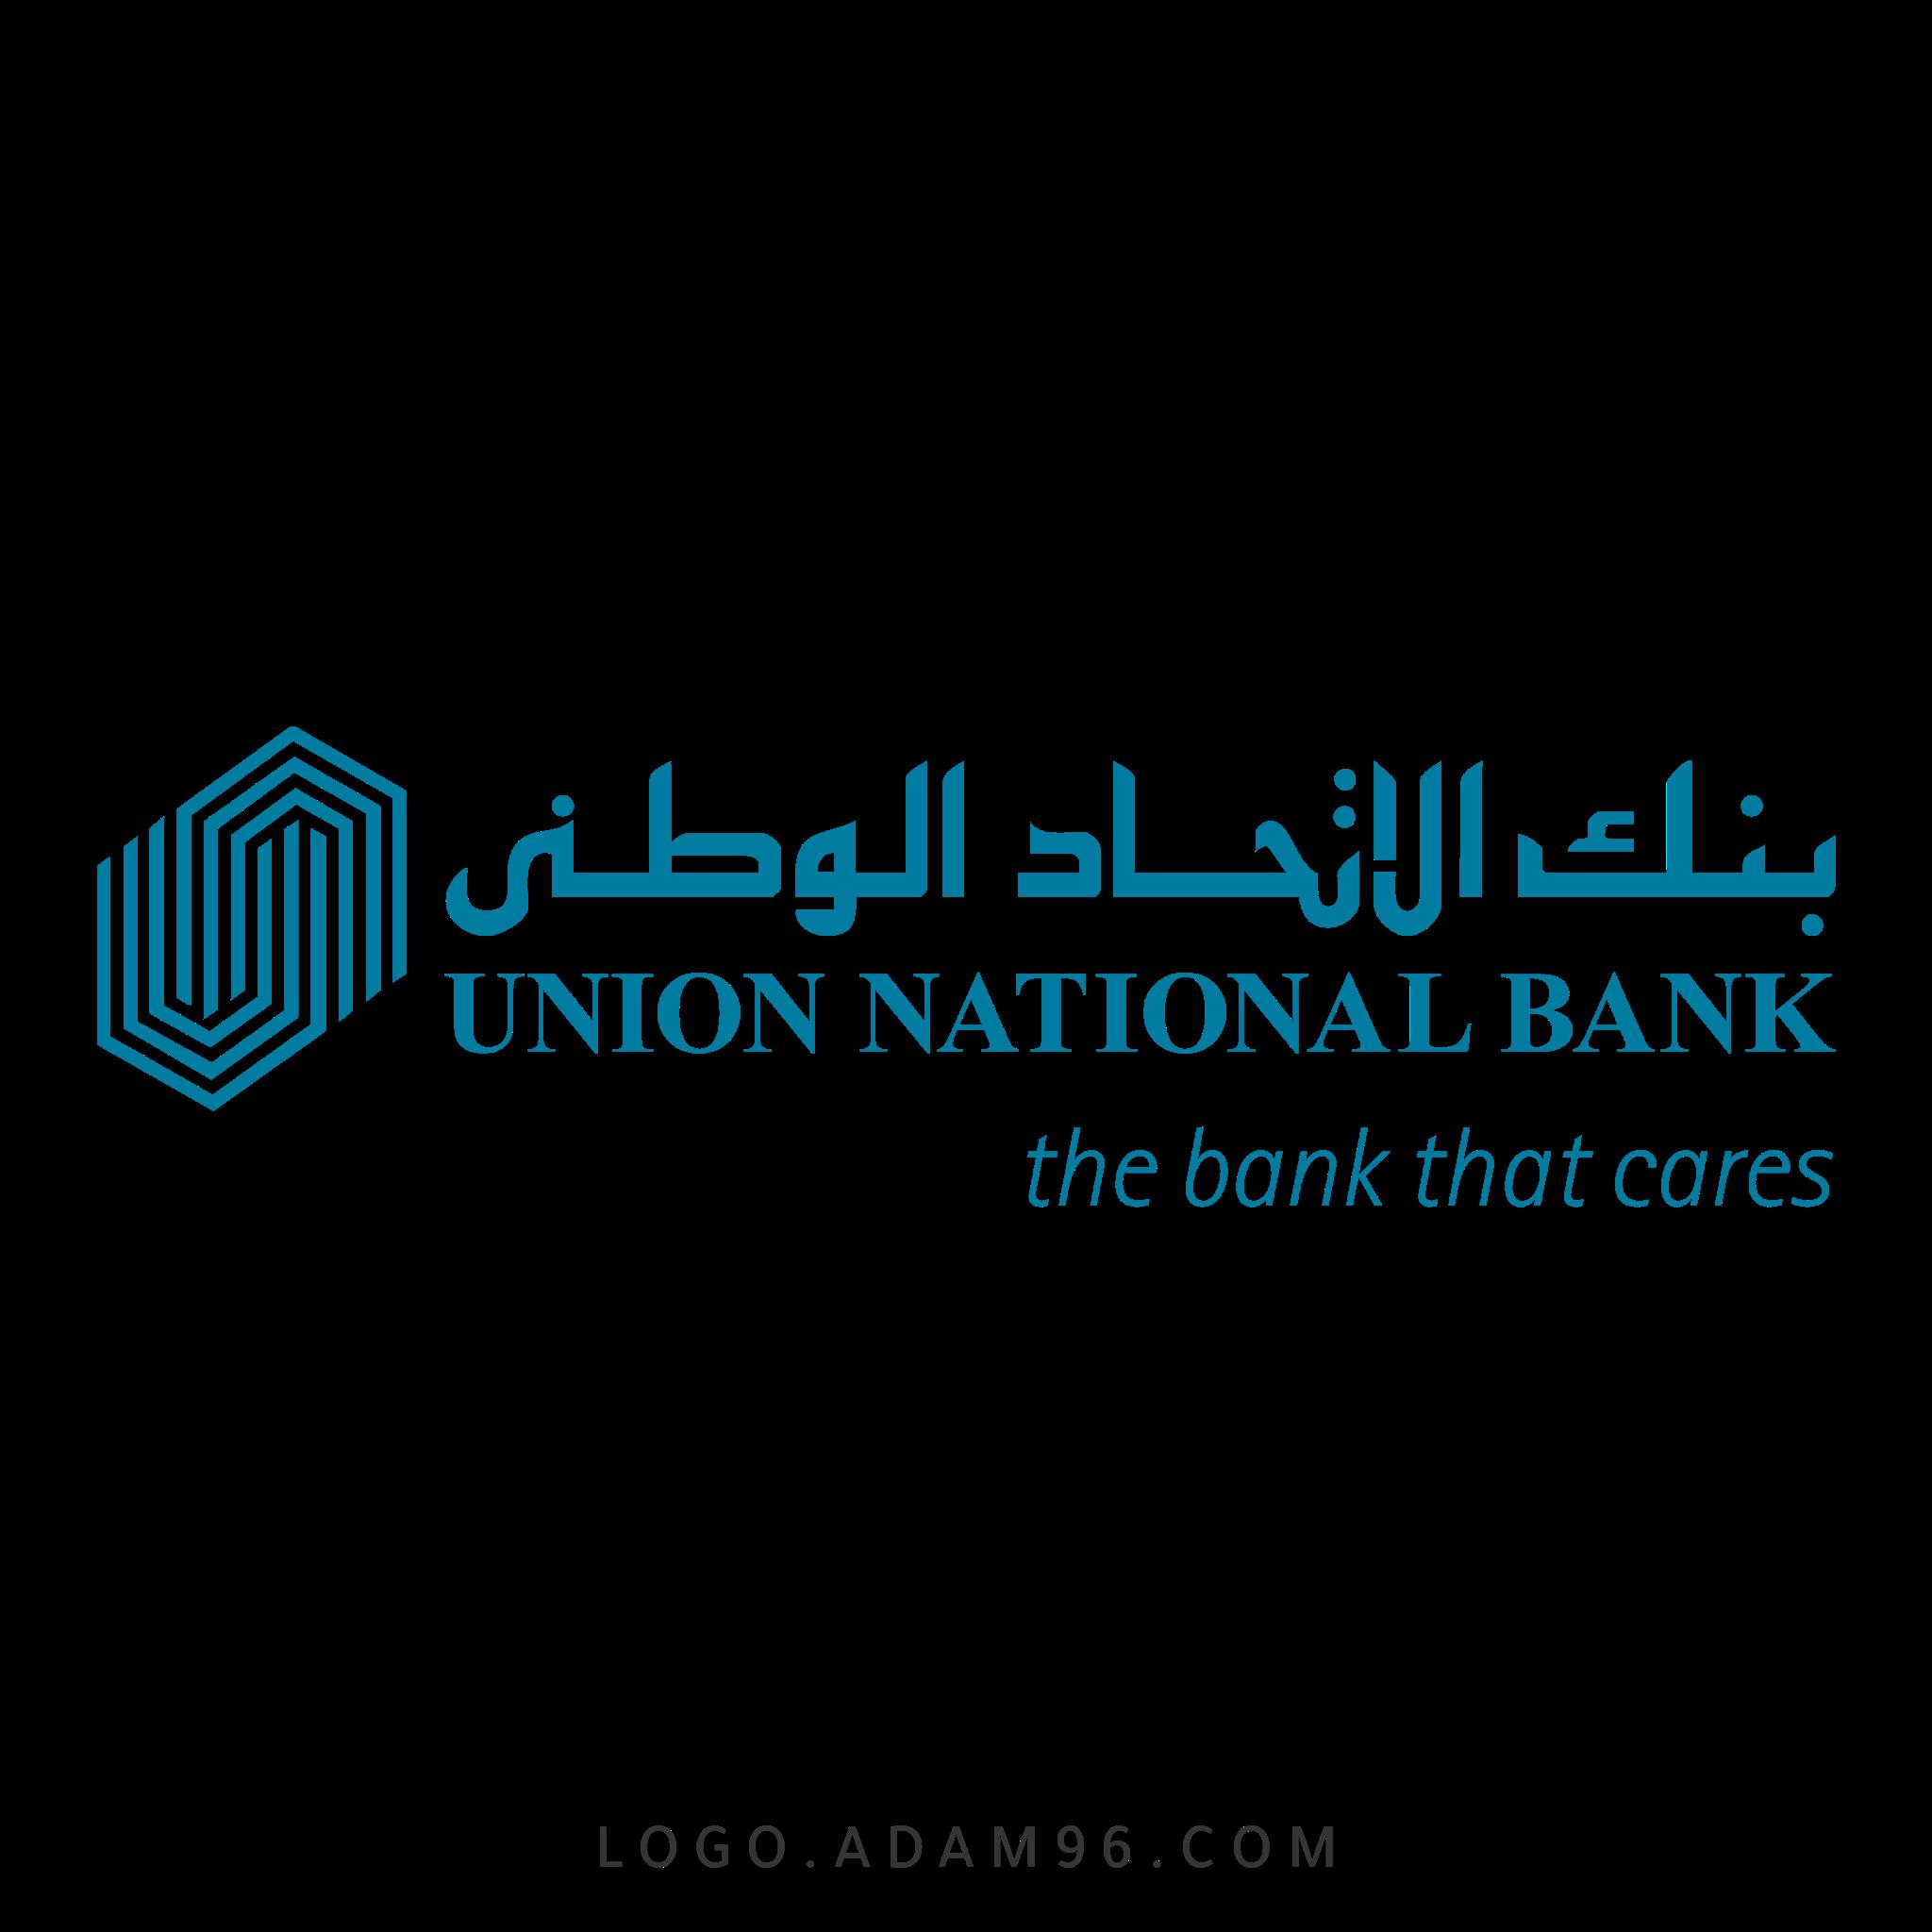 تحميل شعار بنك الاتحاد الوطني لوجو رسمي عالي الجودة PNG